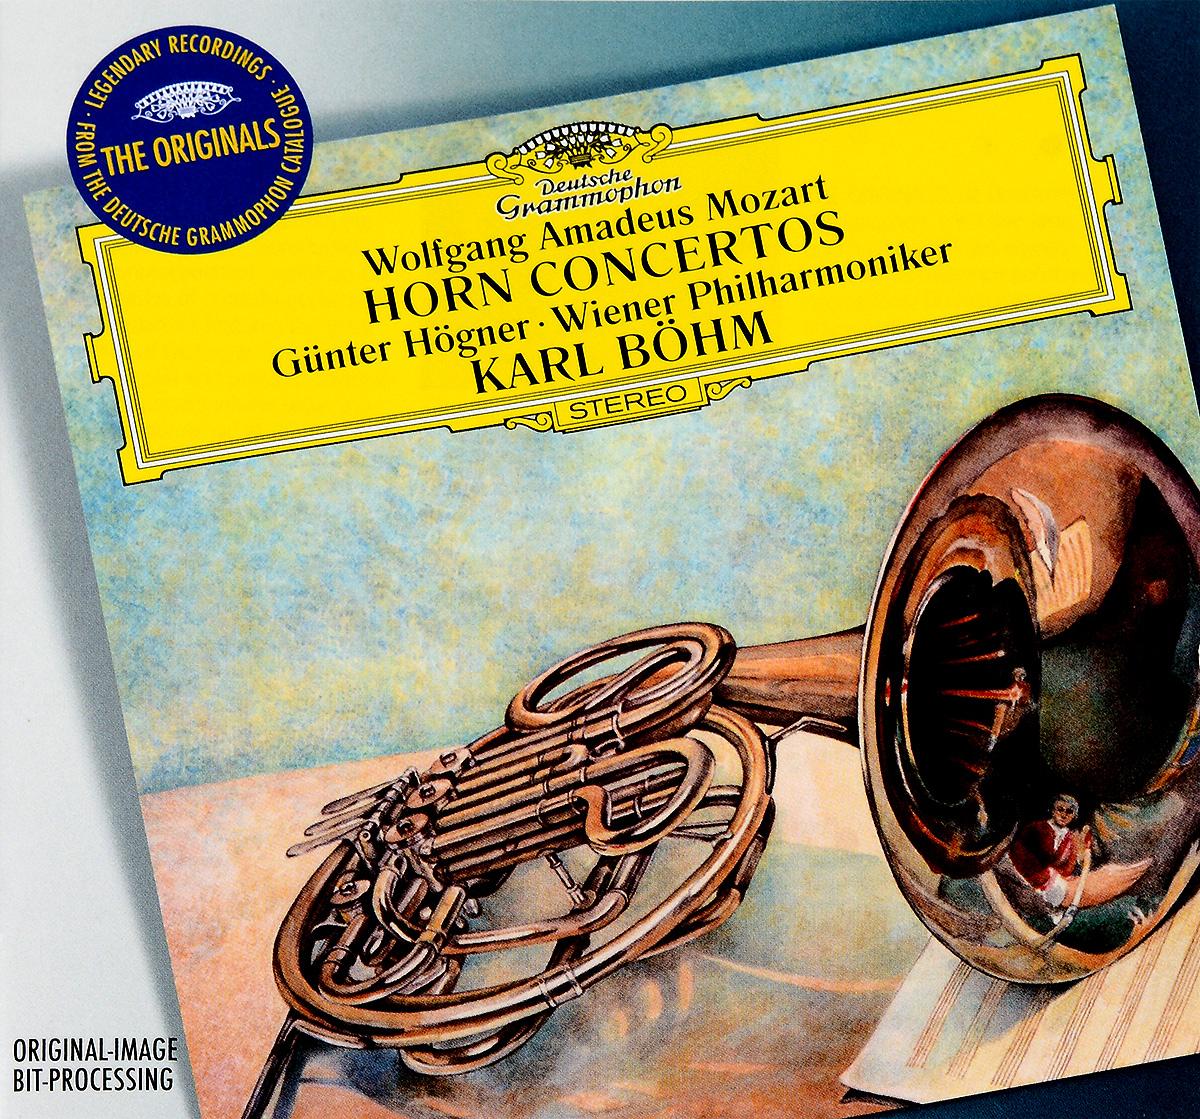 Гюнтер Хогнер,Wiener Philharmoniker Orchestra Mozart: Horn Concertos. Hogner. Wiener Philharmoniker. Bohm